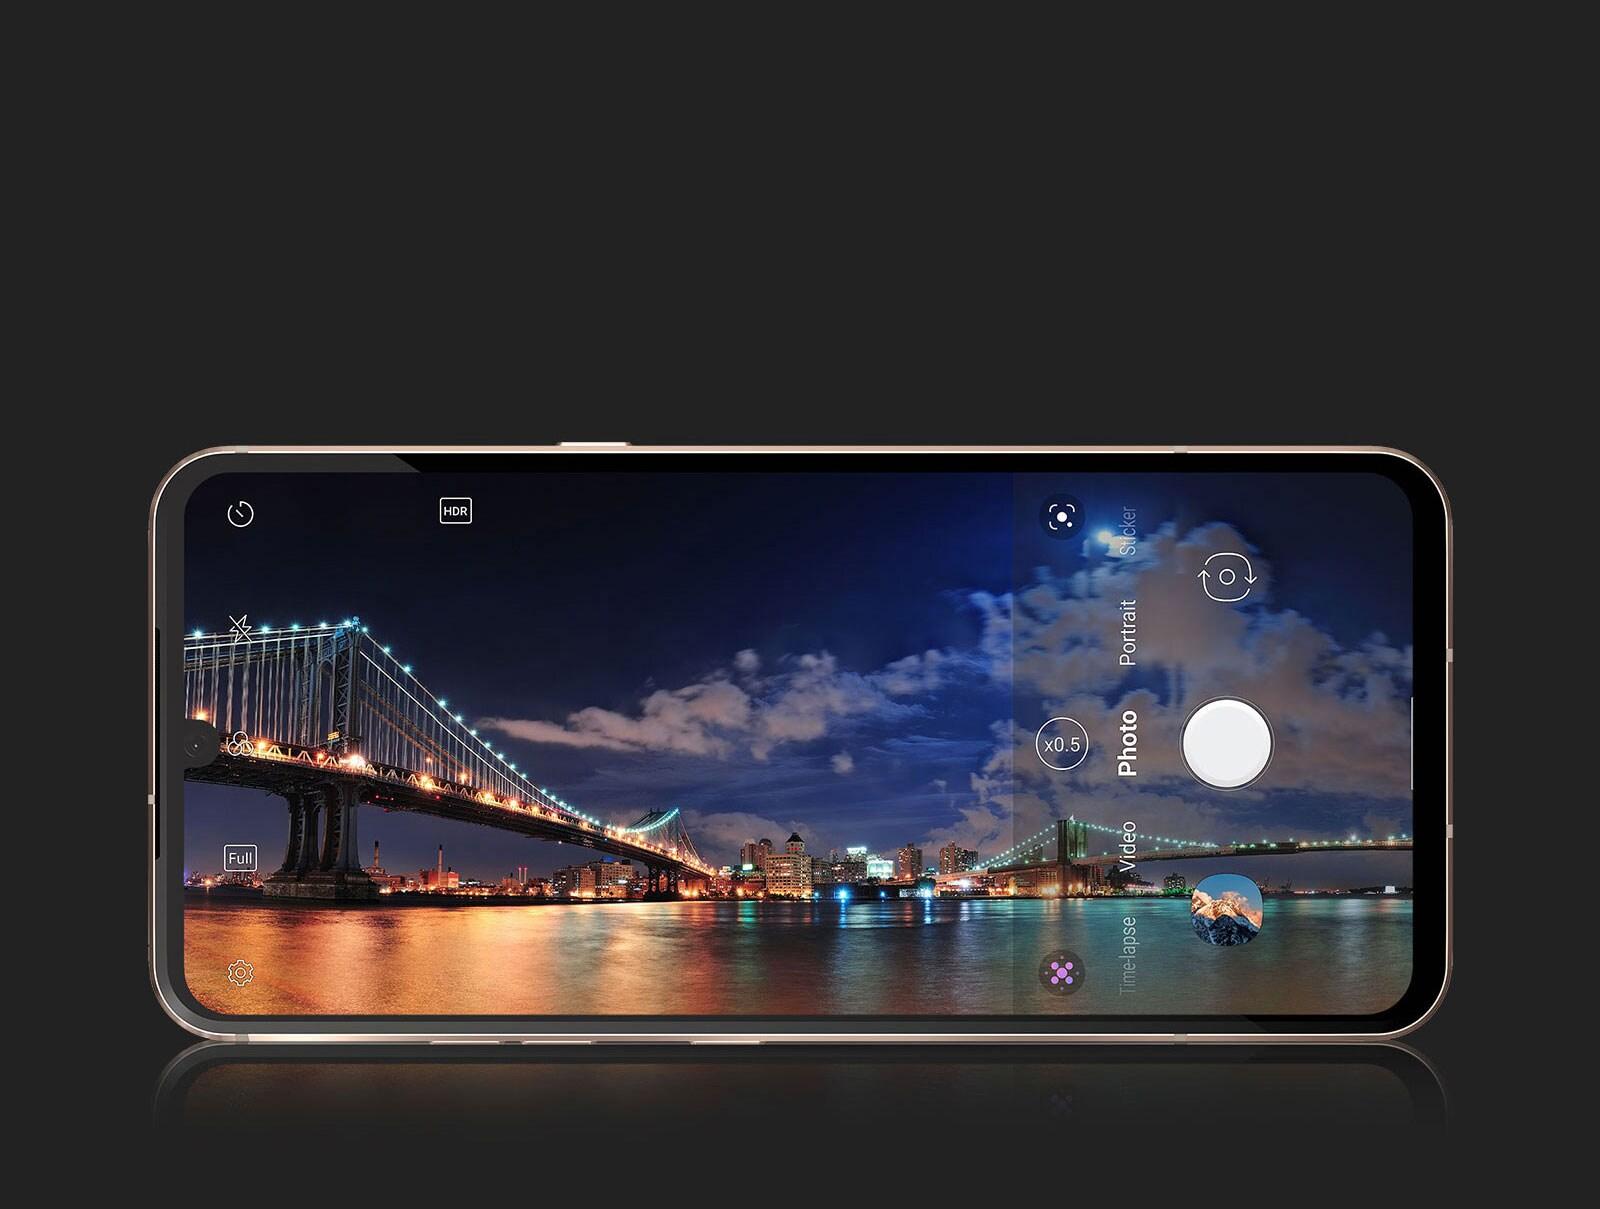 Teléfono con cámara ultra gran angular